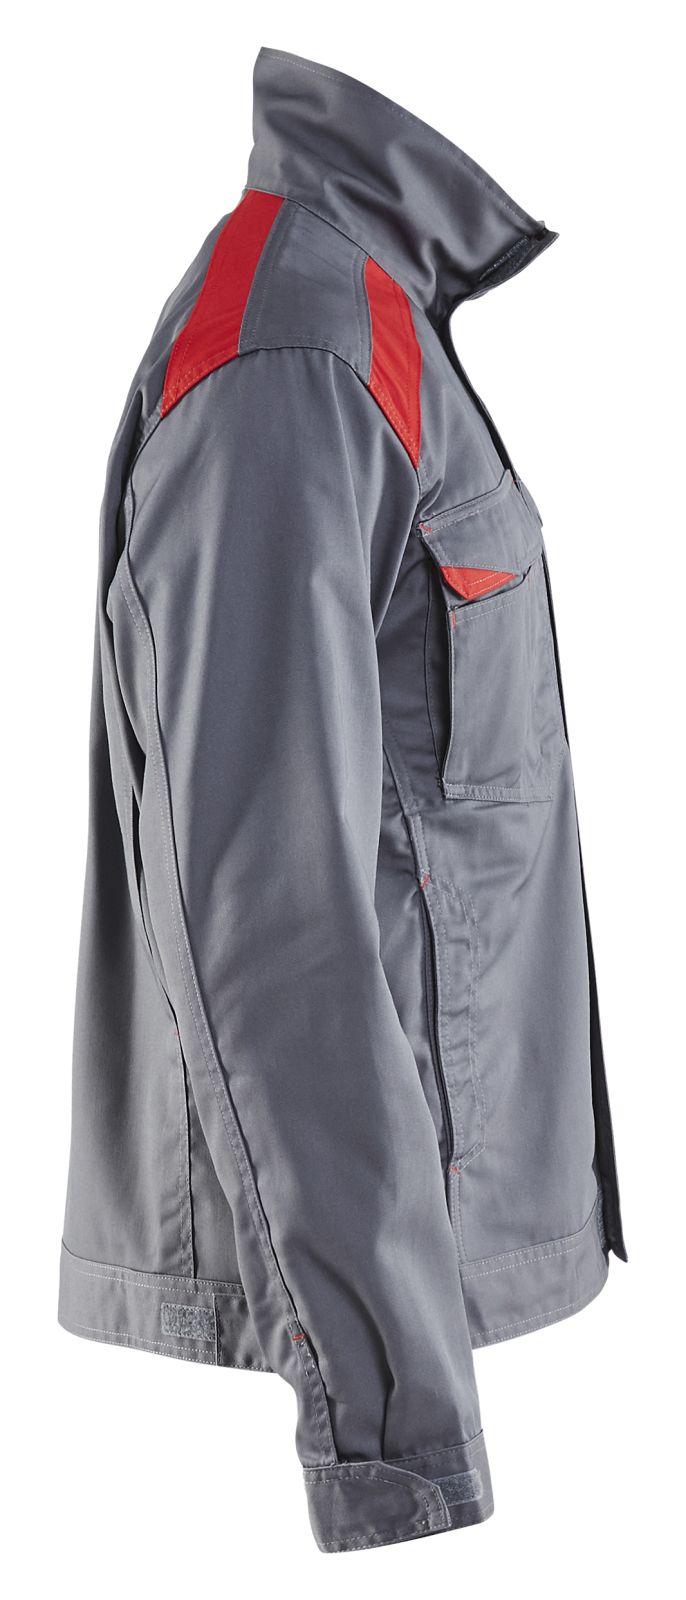 Blaklader Combi-jacks 40541800 grijs-rood(9456)